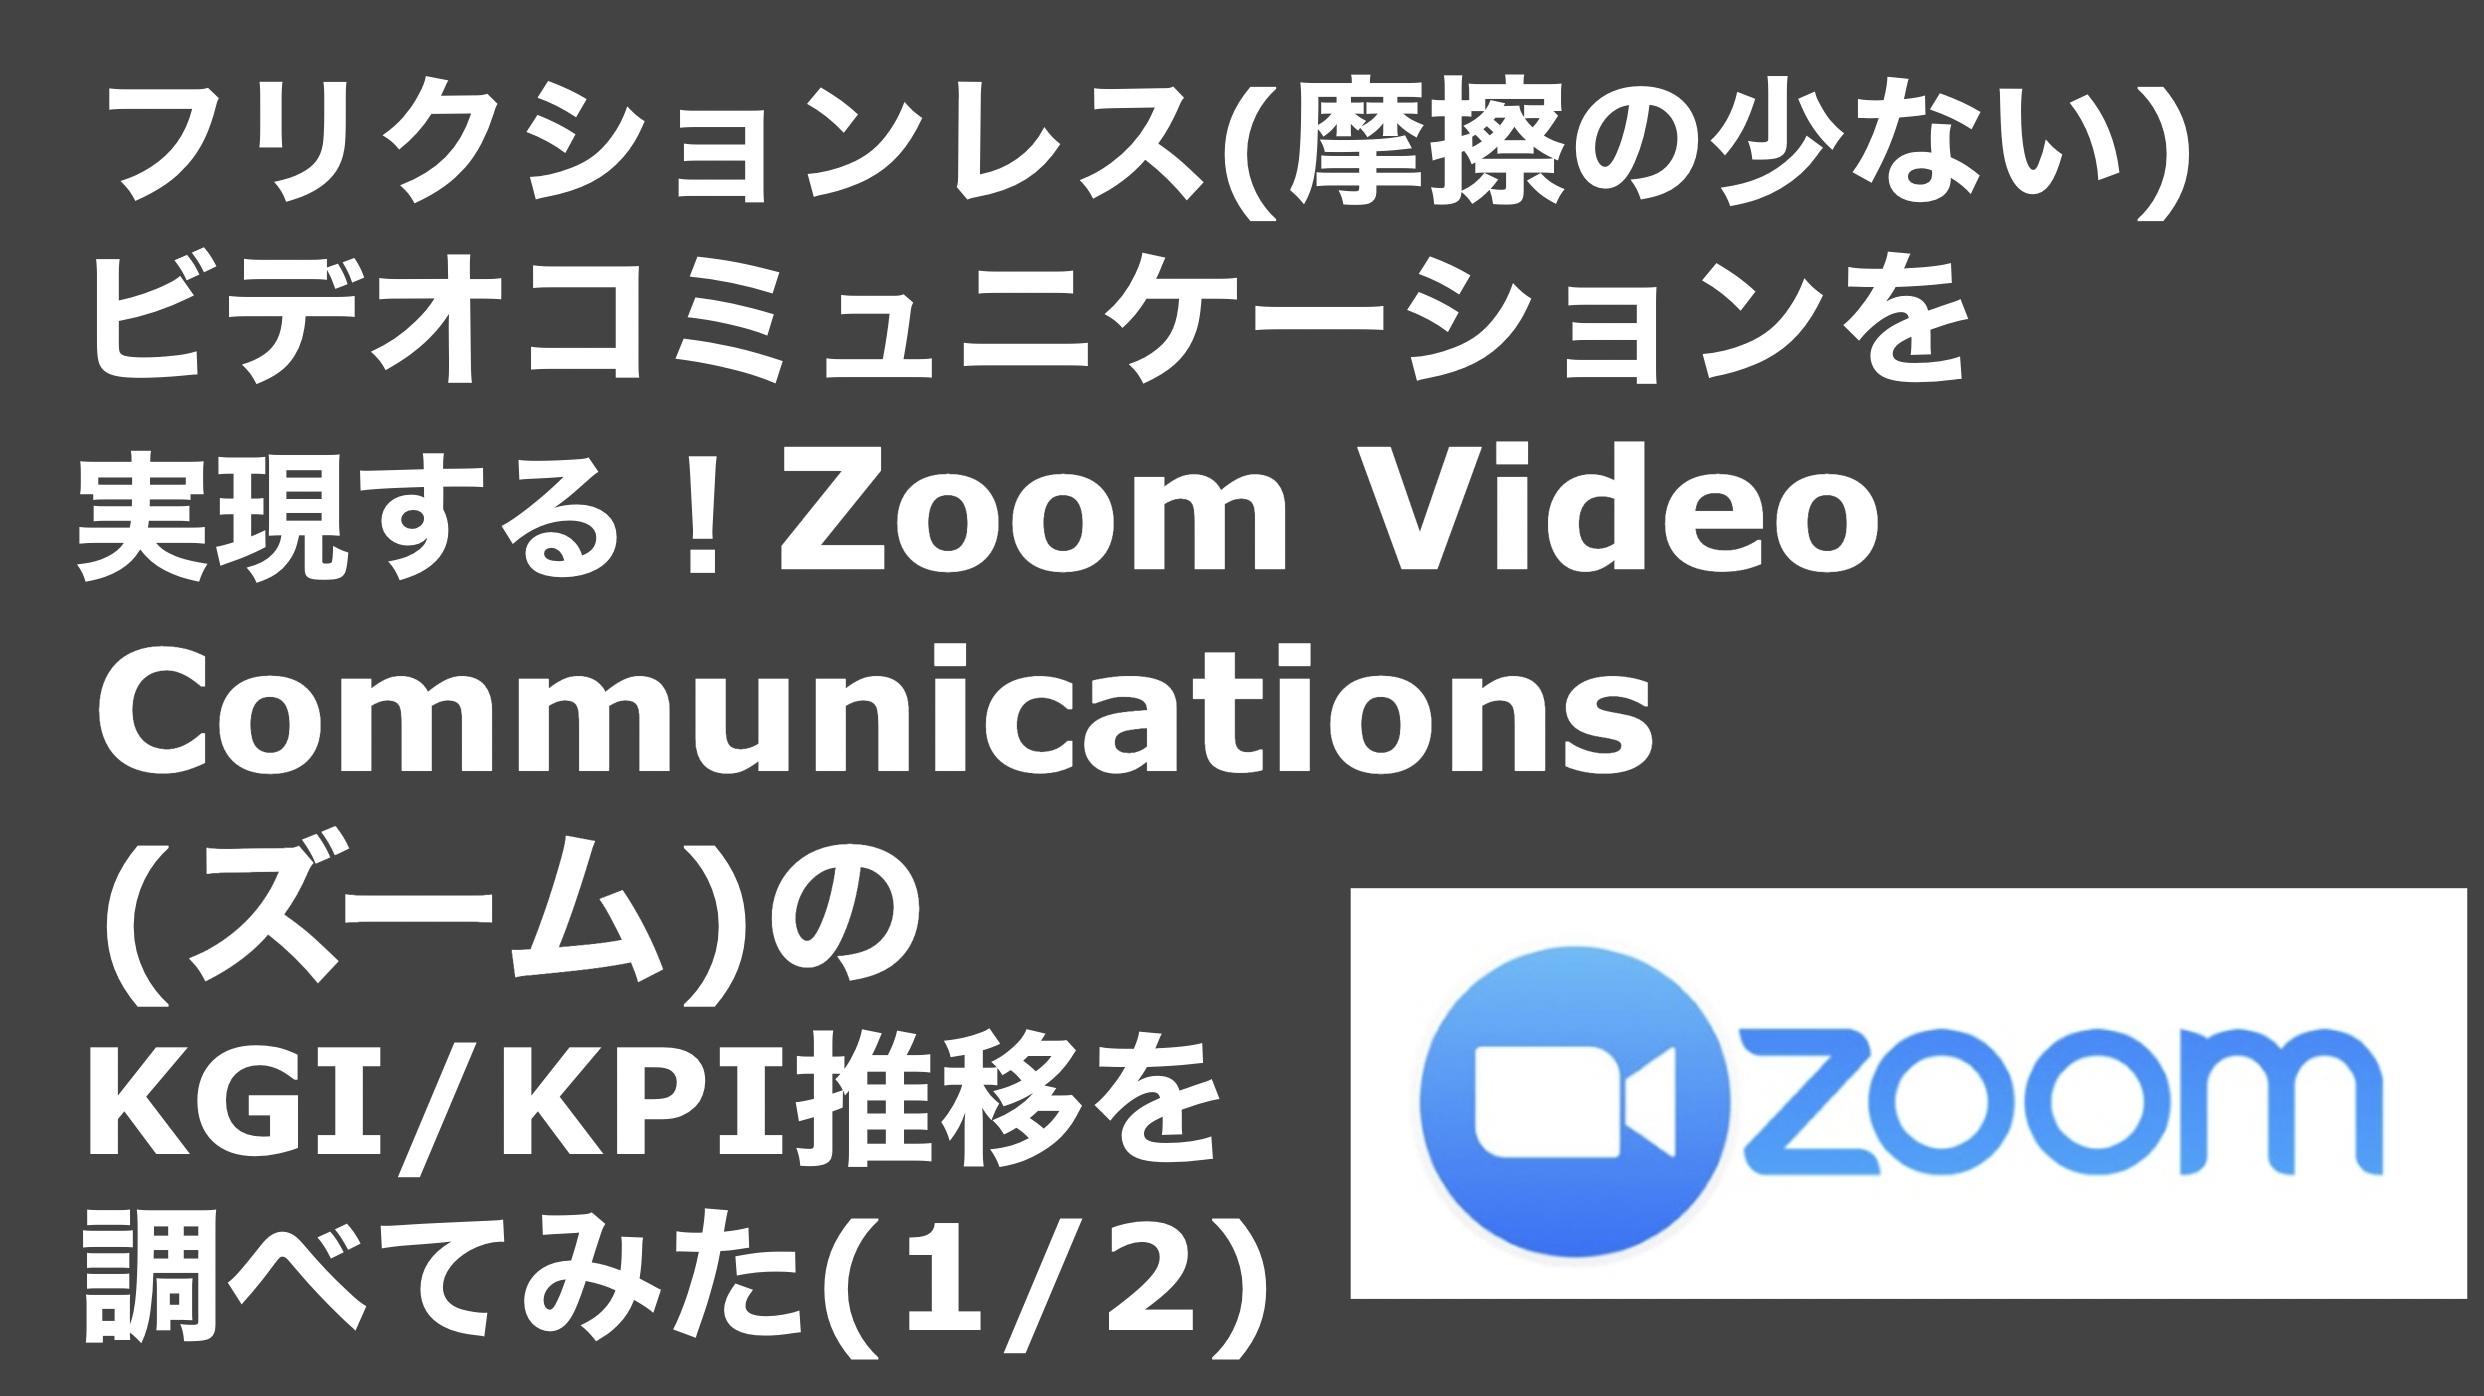 saaslife_ フリクションレス(摩擦の少ない)ビデオコミュニケーションを実現する!Zoom Video Communications(ズーム)のKGI/KPI推移を調べてみた(2/2)